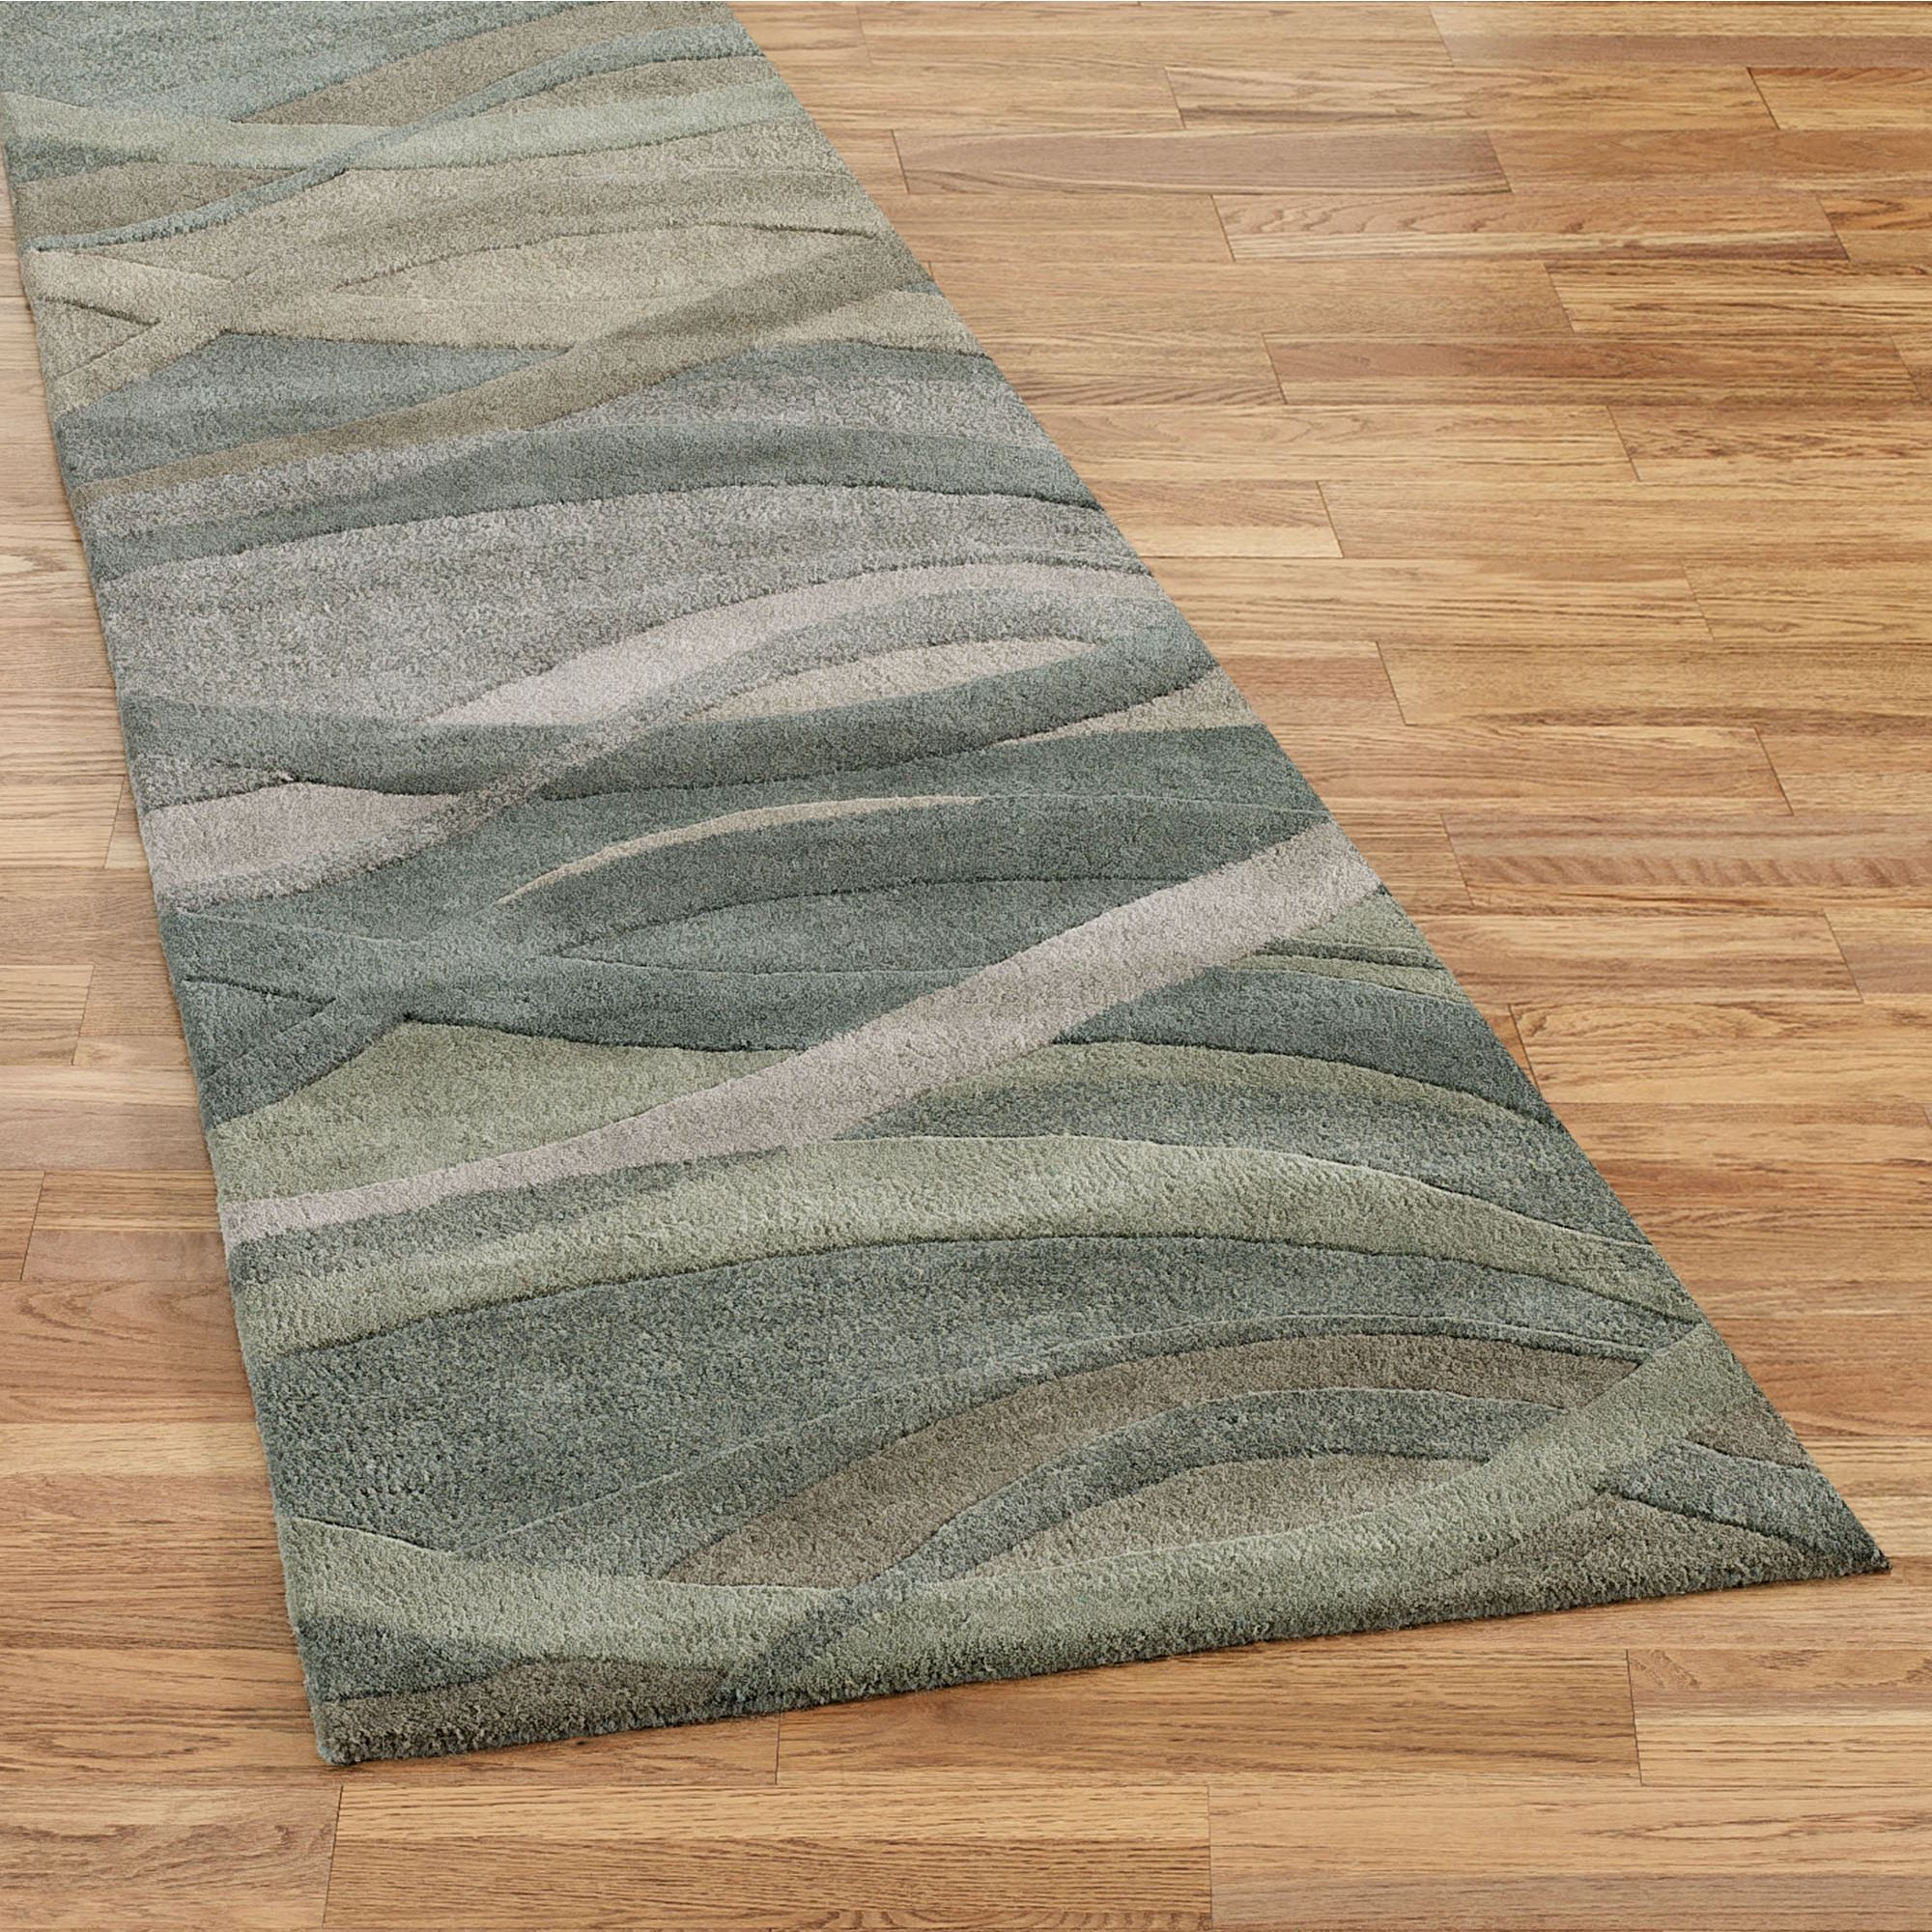 Casanova Wool Abstract Area Rugs